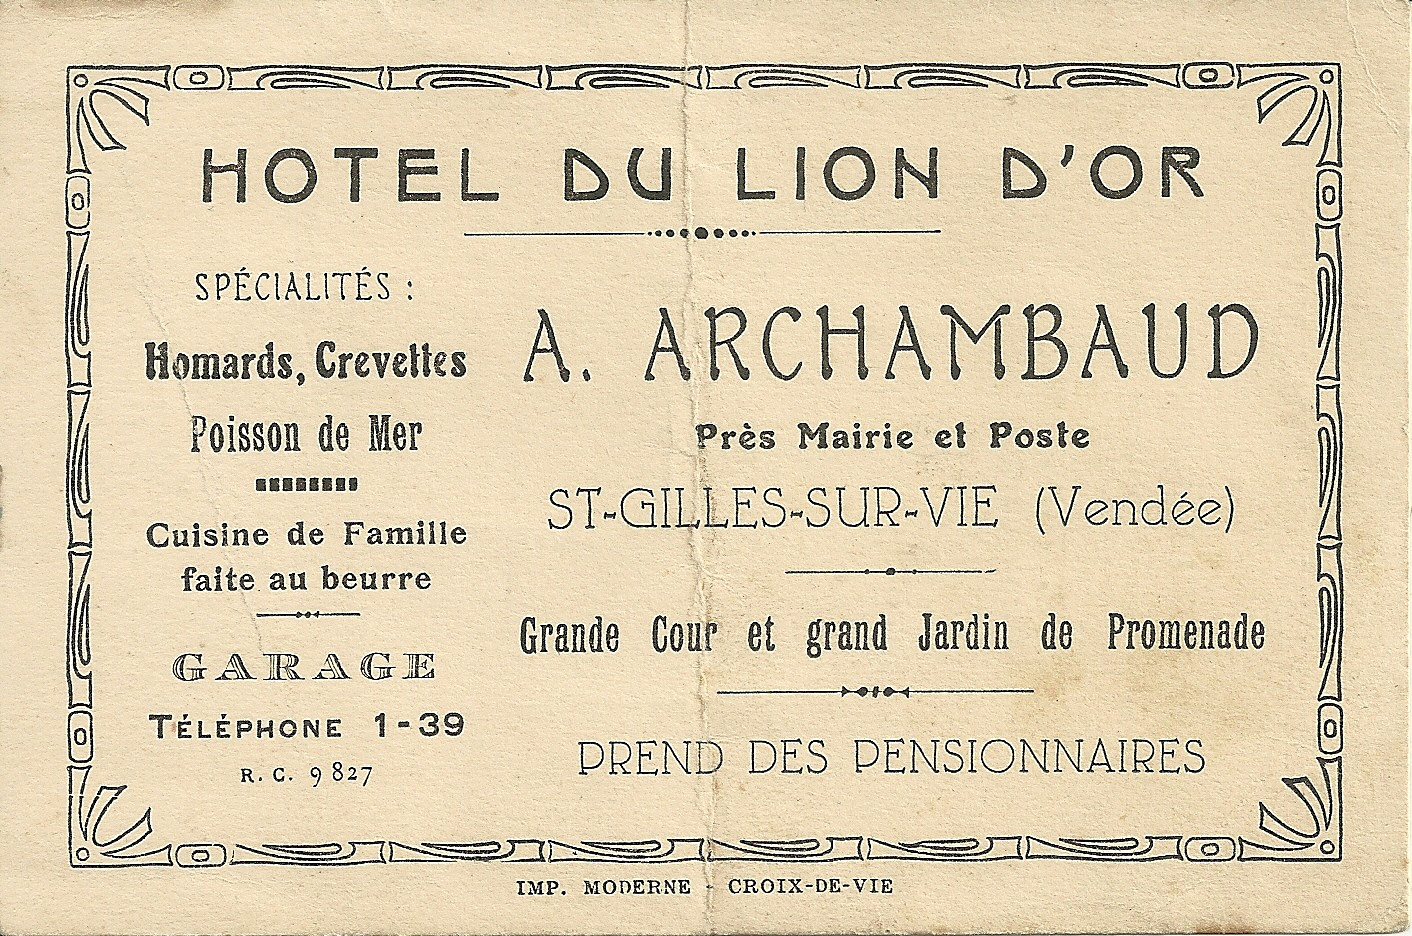 Archambaud Hôtel du Lion d'Or (4)